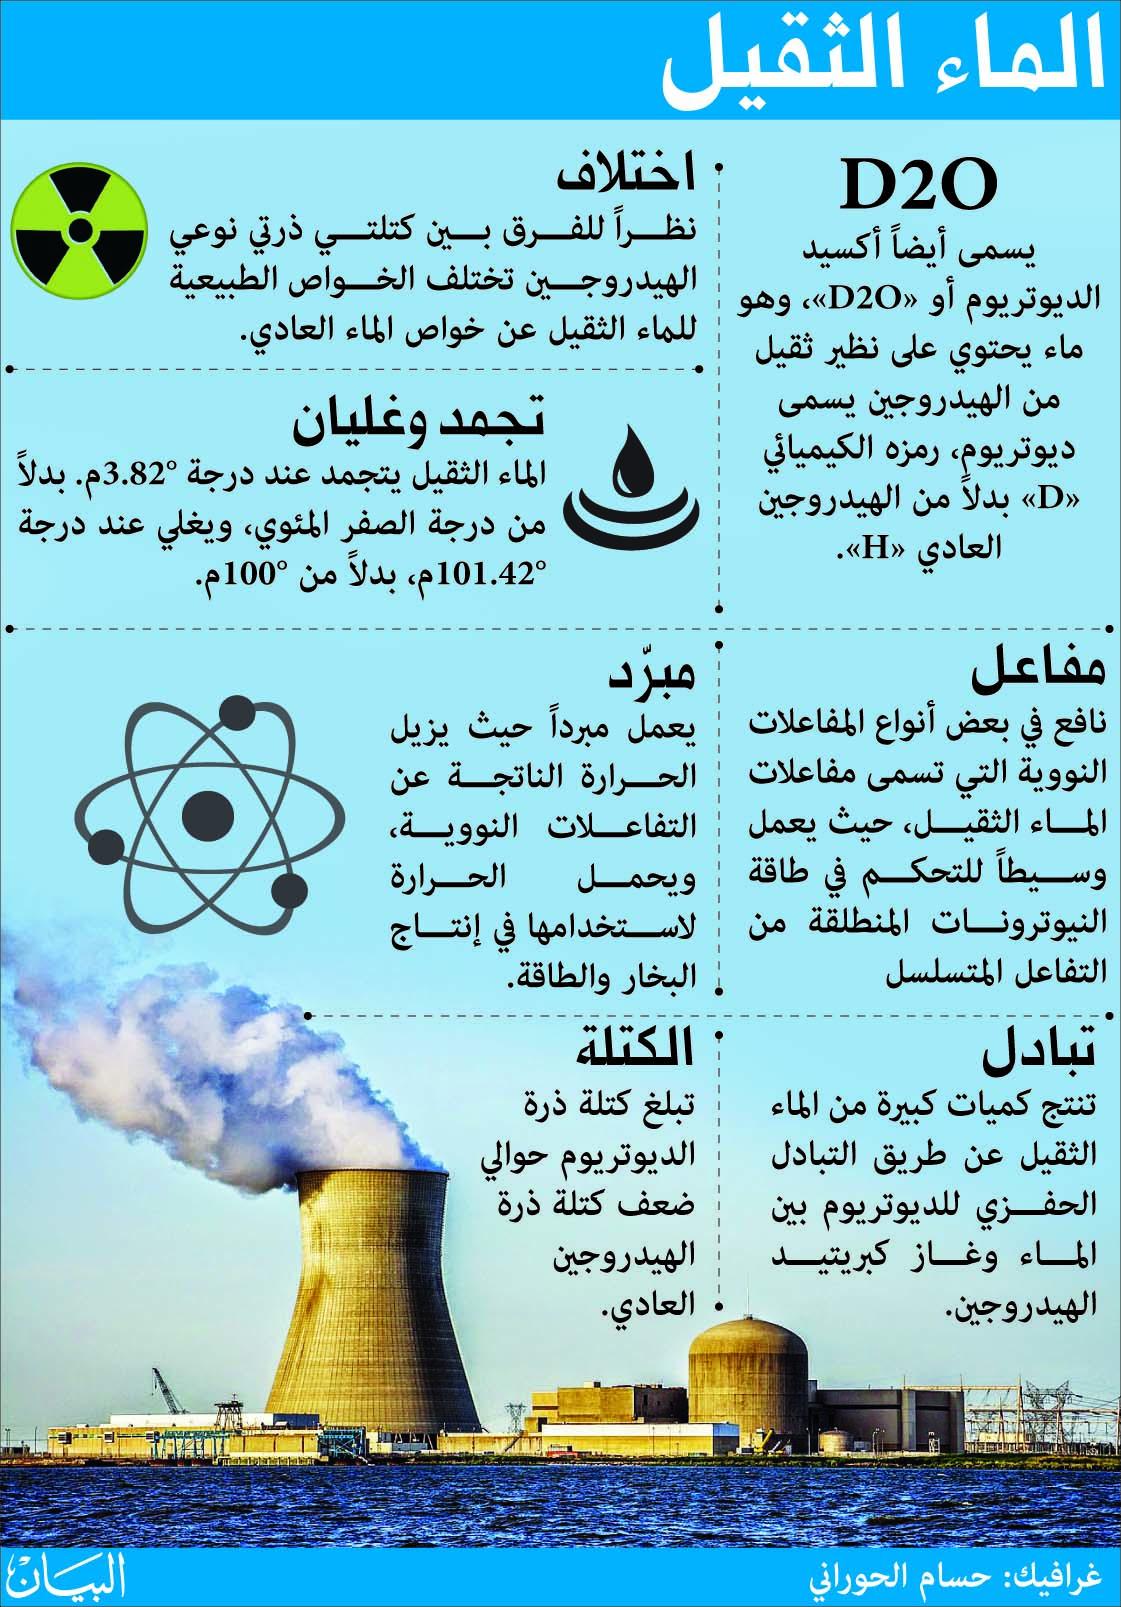 طهران تبيع 11 طناً مياهاً ثقيلة  طهران تبيع 11 طناً مياهاً ثقيلة